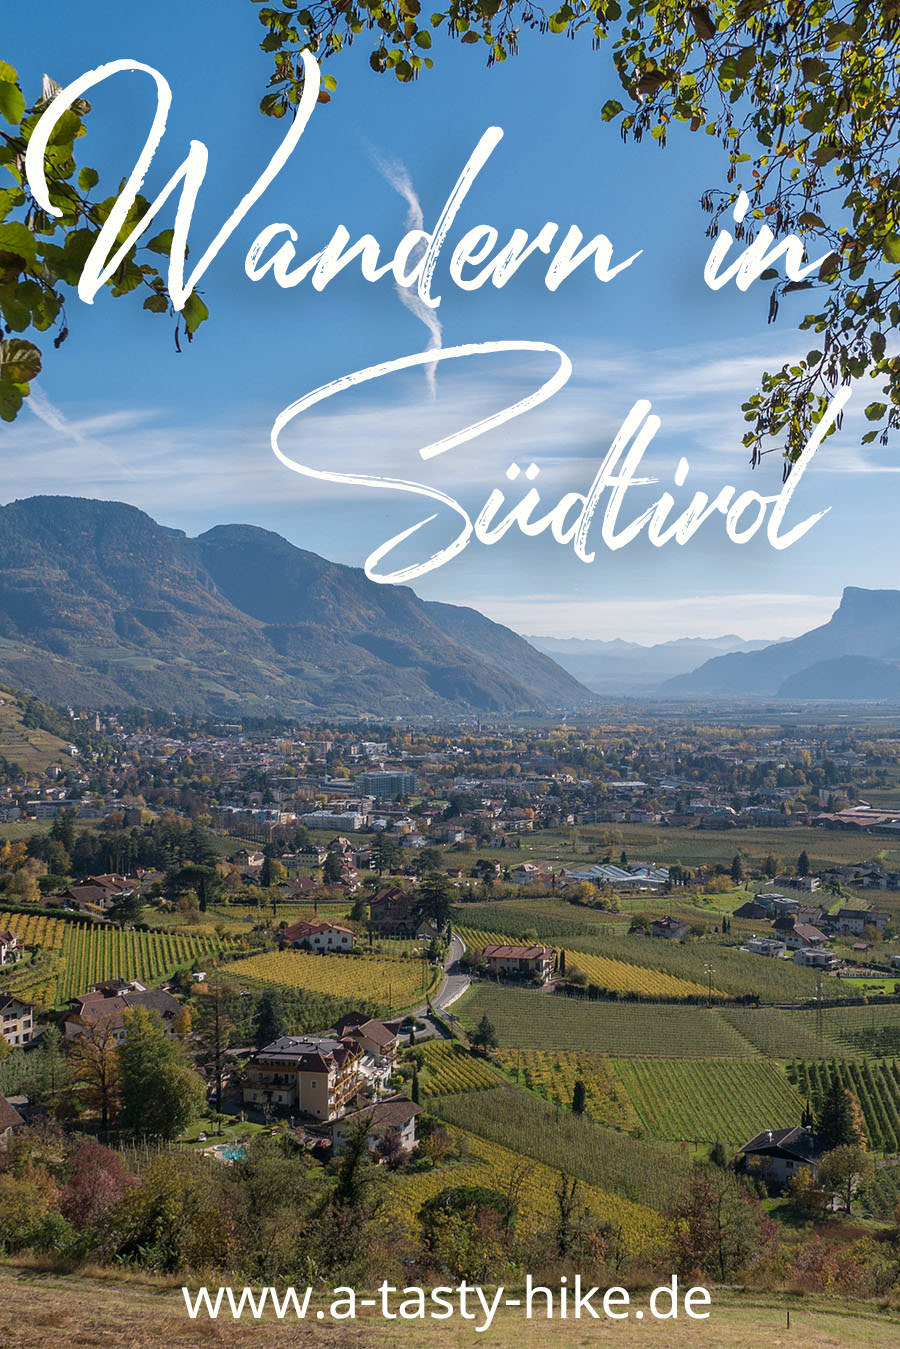 Wandern in Südtirol - die schönsten Wandertouren für Genusswanderer und Wanderanfänger | Wandern für Anfänger in Südtirol #Südtirol #Wandern #Genusswandern